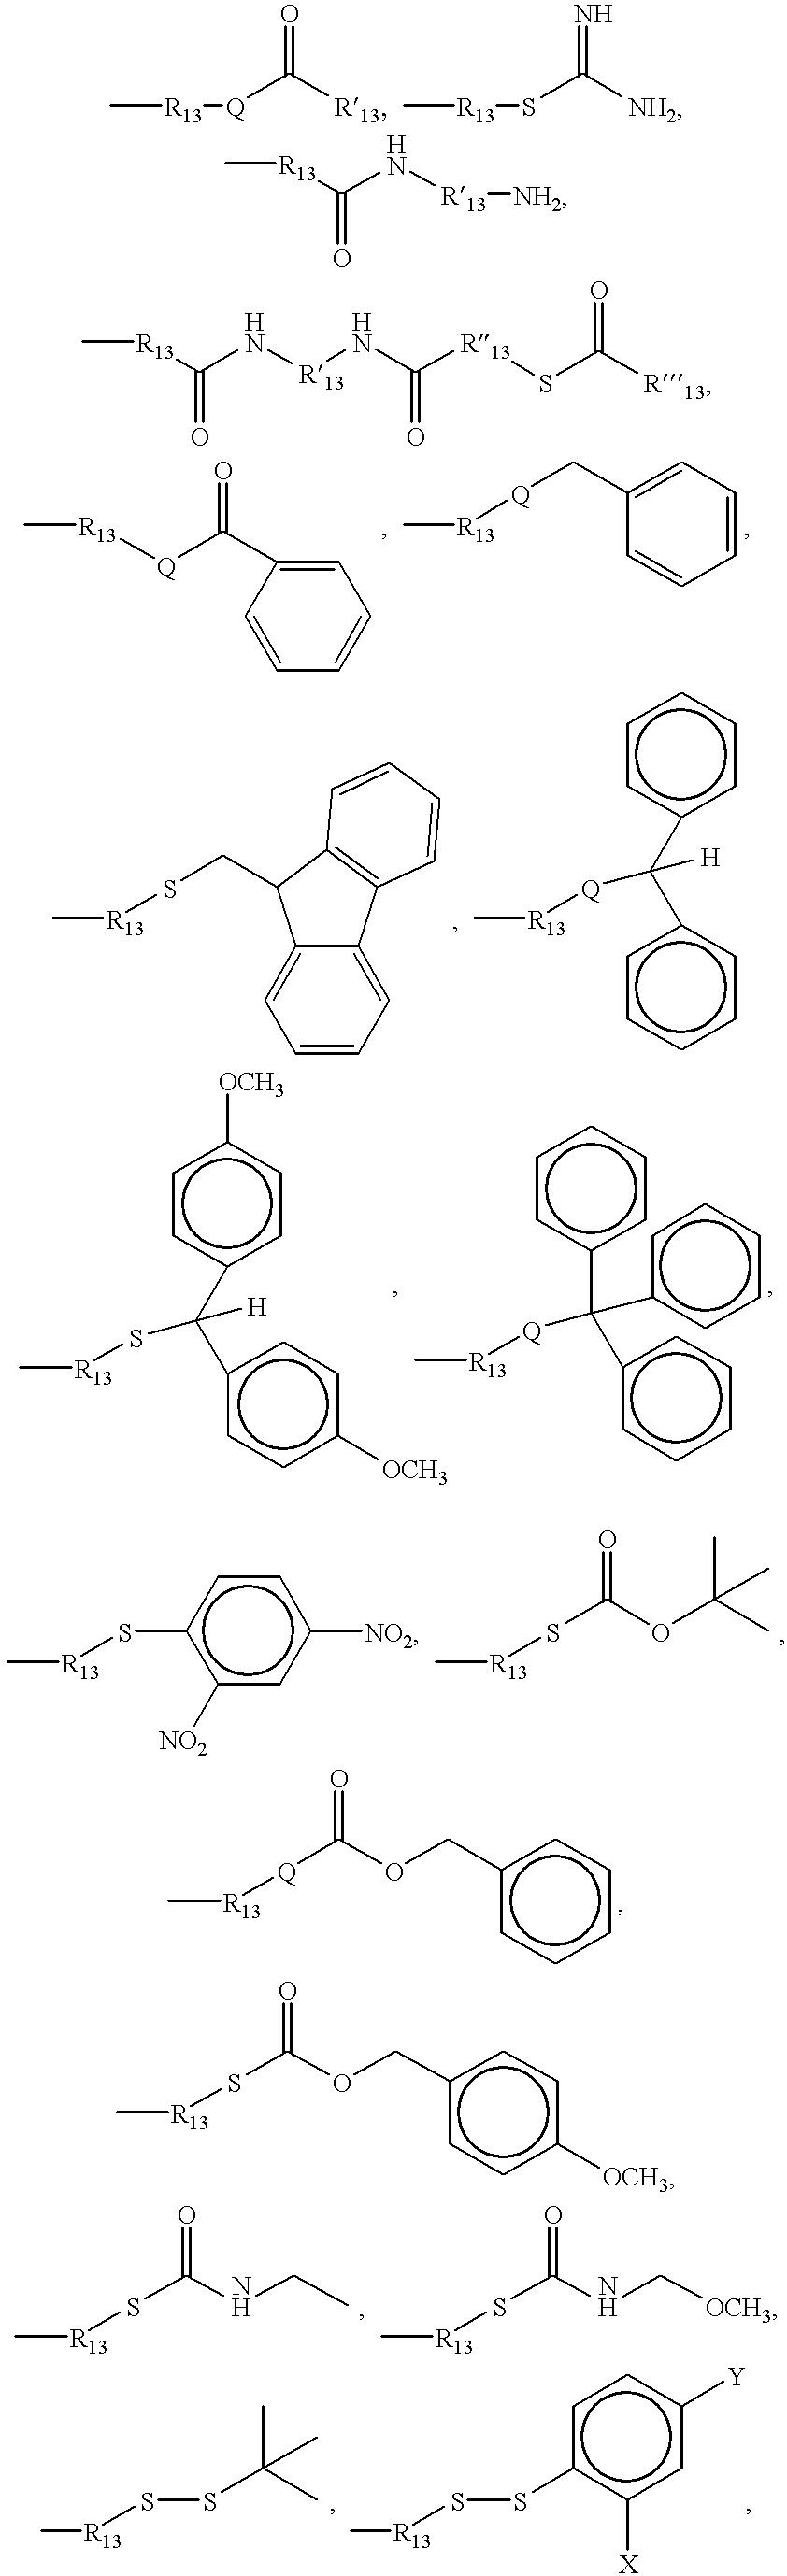 Figure US06437141-20020820-C00013